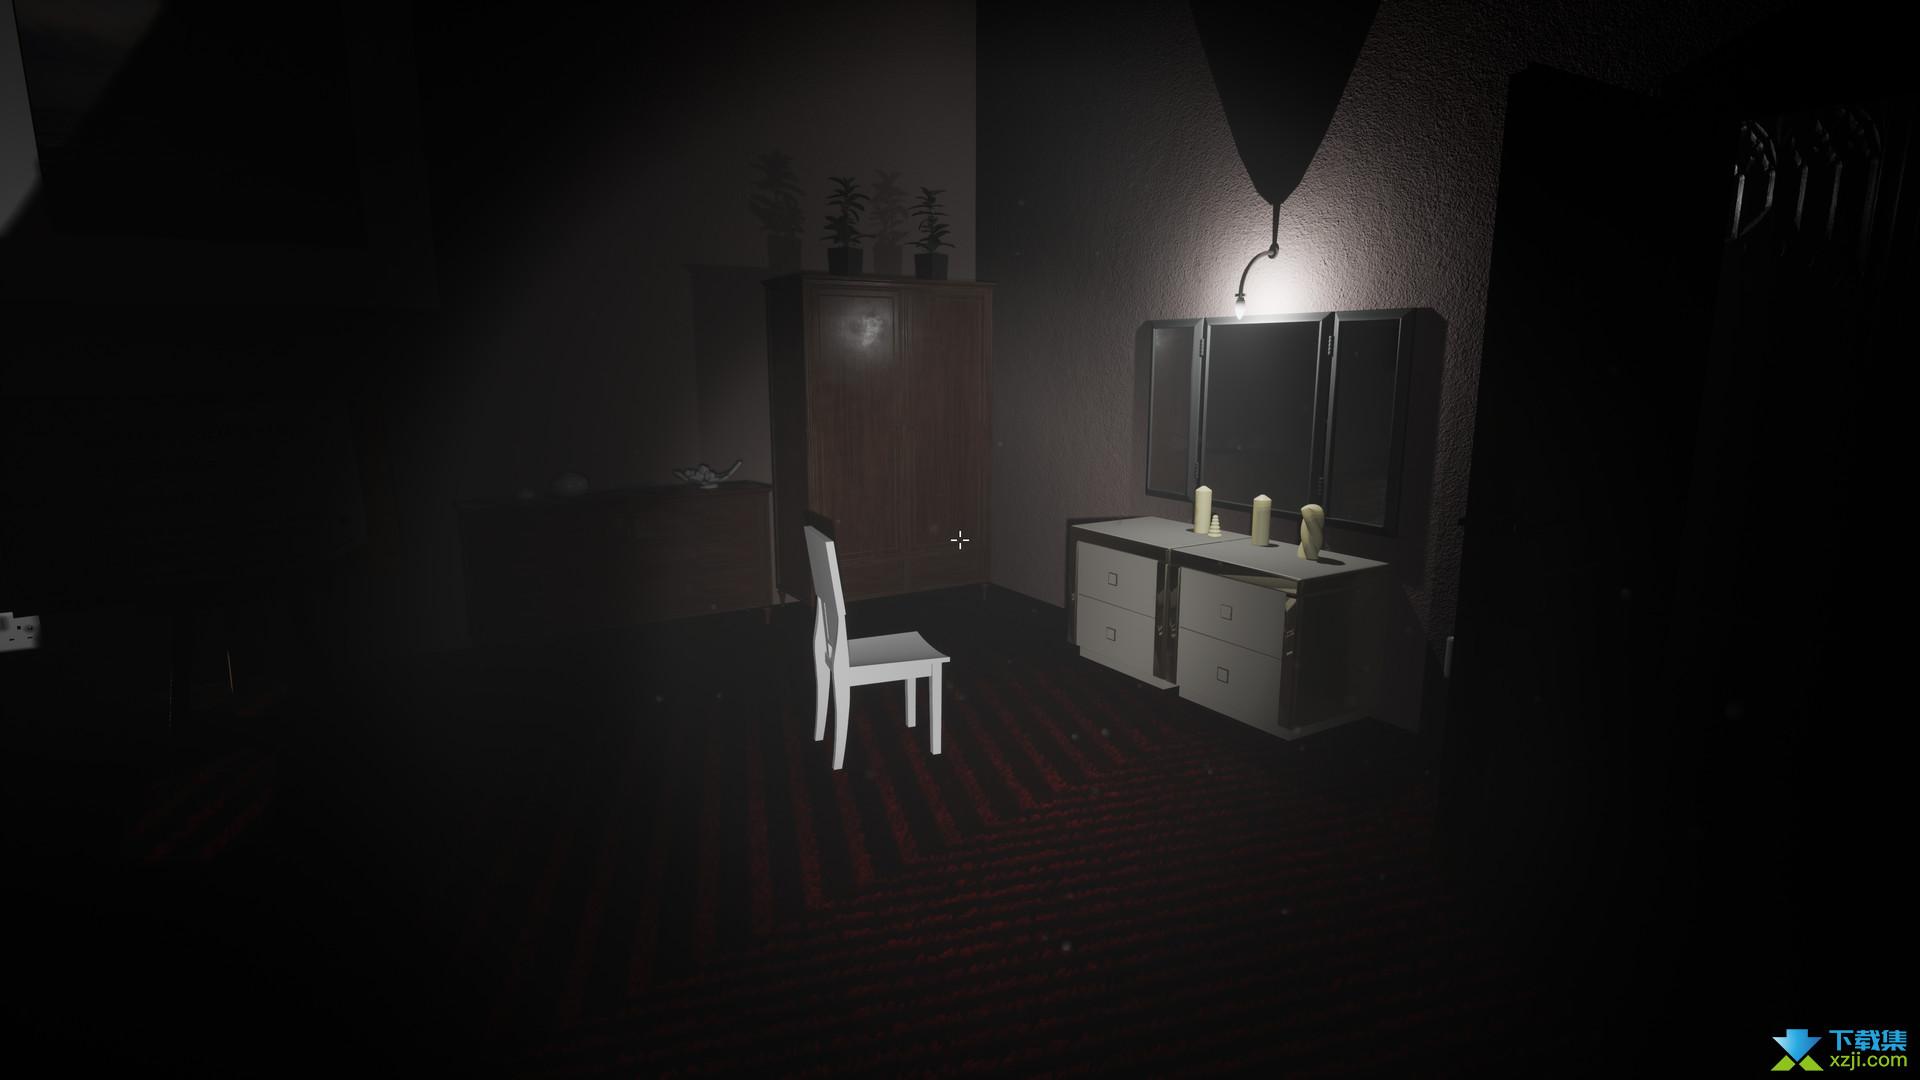 我与黑暗界面3